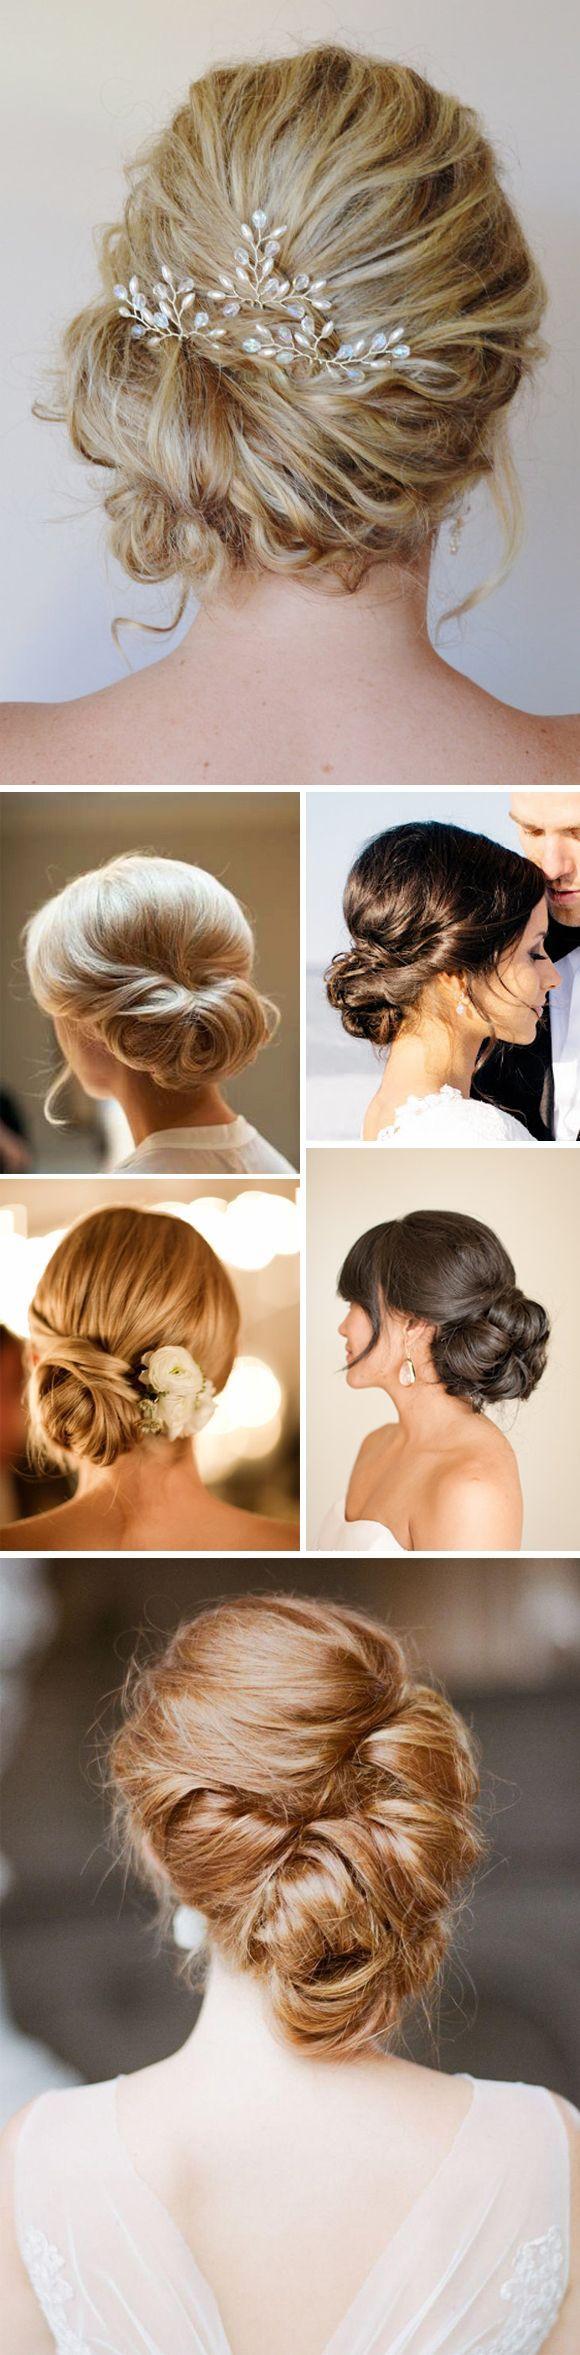 Los recogidos bajos son una de las mejores opciones para las novias. Descubre entre ellos peinados trenzados, ondulados y tocados con mucha elegancia